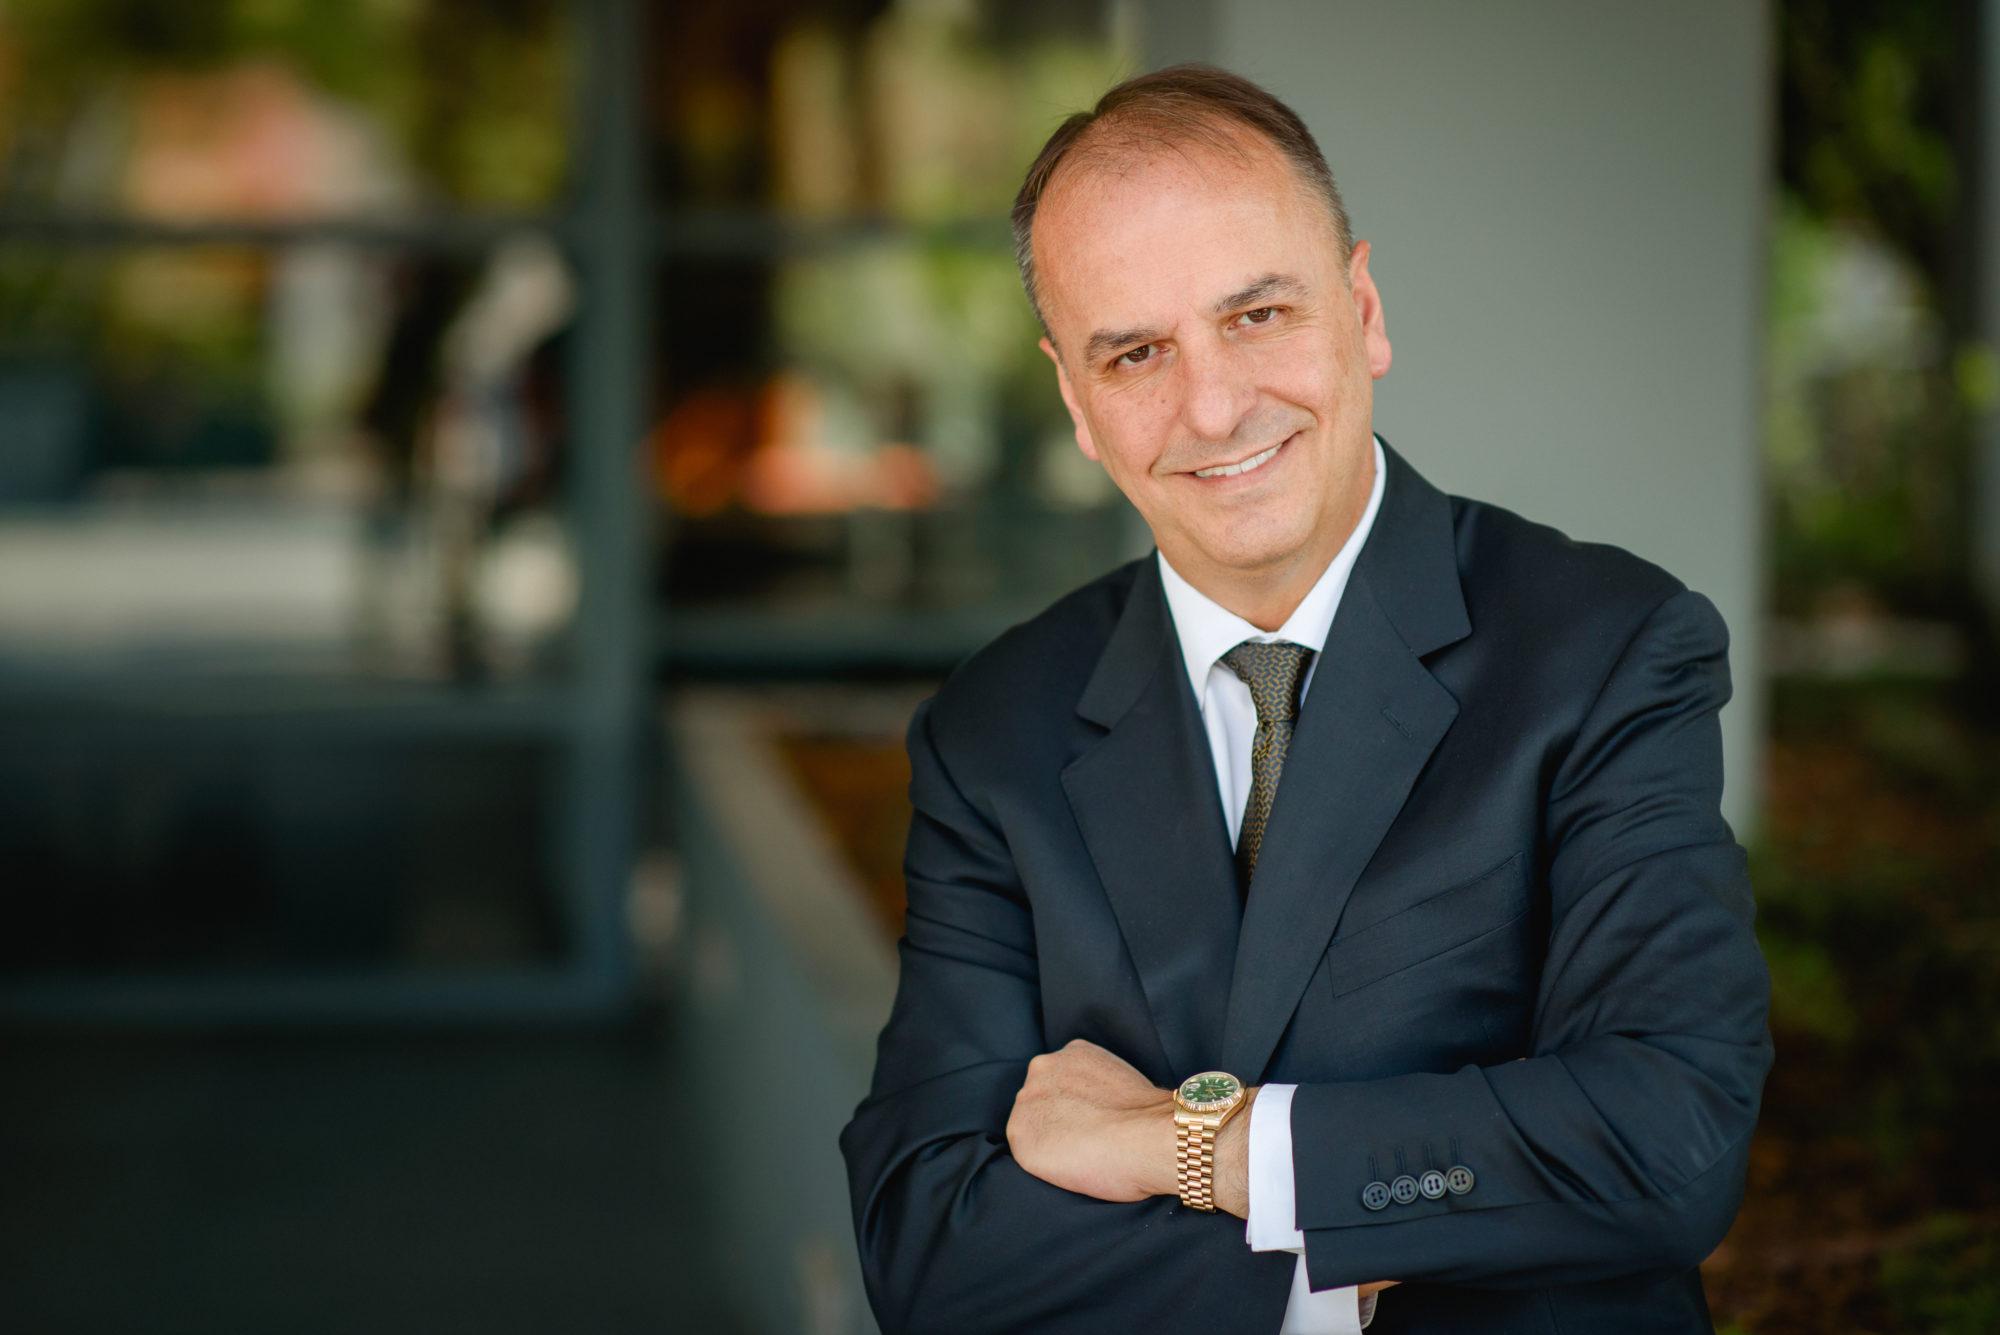 Επανεκλέχτηκε ο Μάκης Παπαταξιάρχης πρόεδρος του PhRMA Innovation Forum